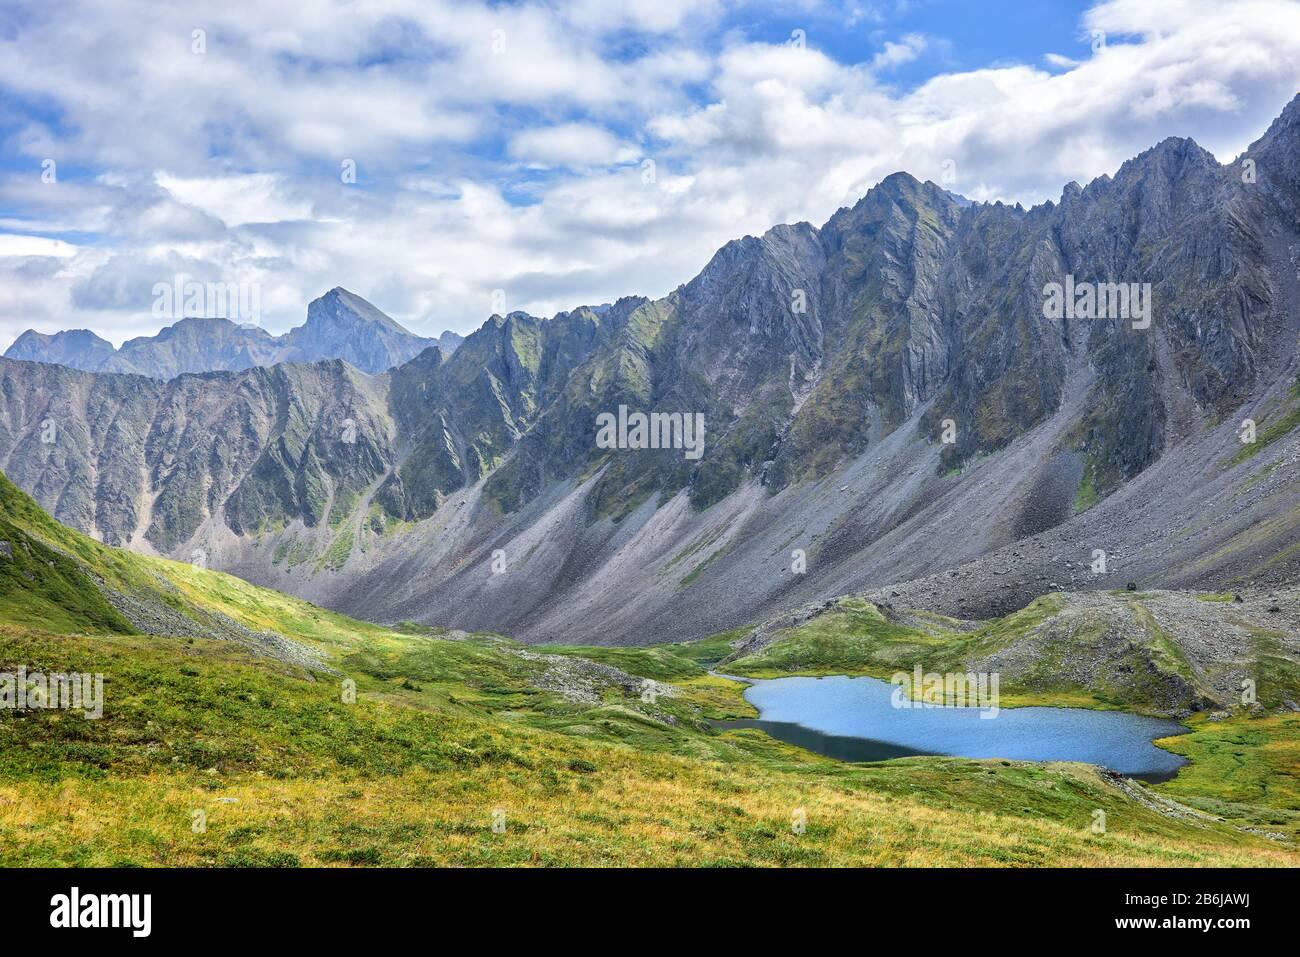 Tundra alpina siberiana sullo sfondo della catena montuosa. Un caratteristico paesaggio alpino con vegetazione scarsa nella Siberia orientale. Valle di valle Foto Stock